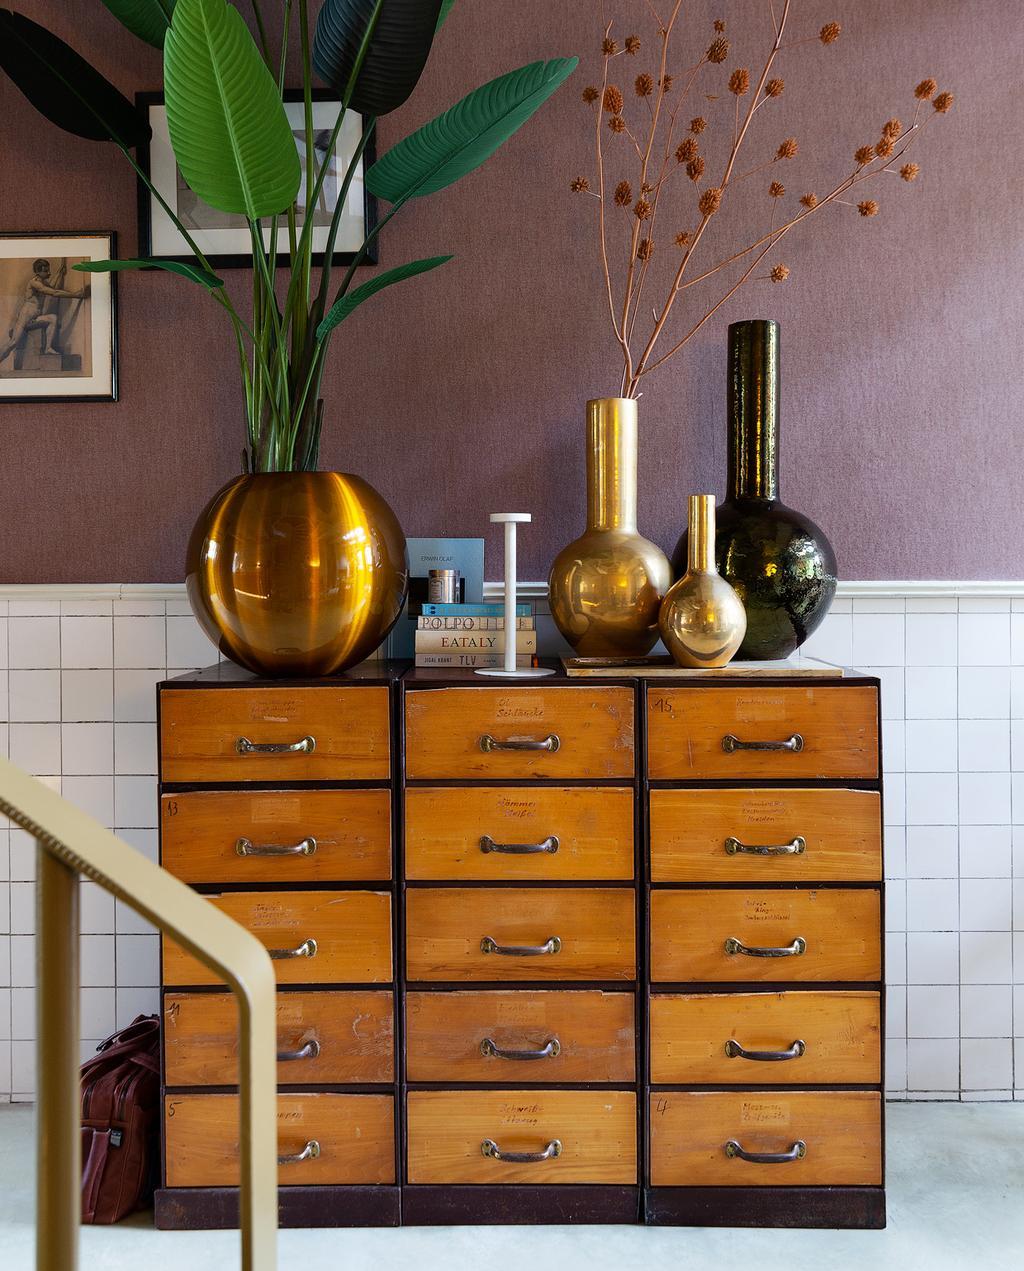 kast hout vol met vazen en planten